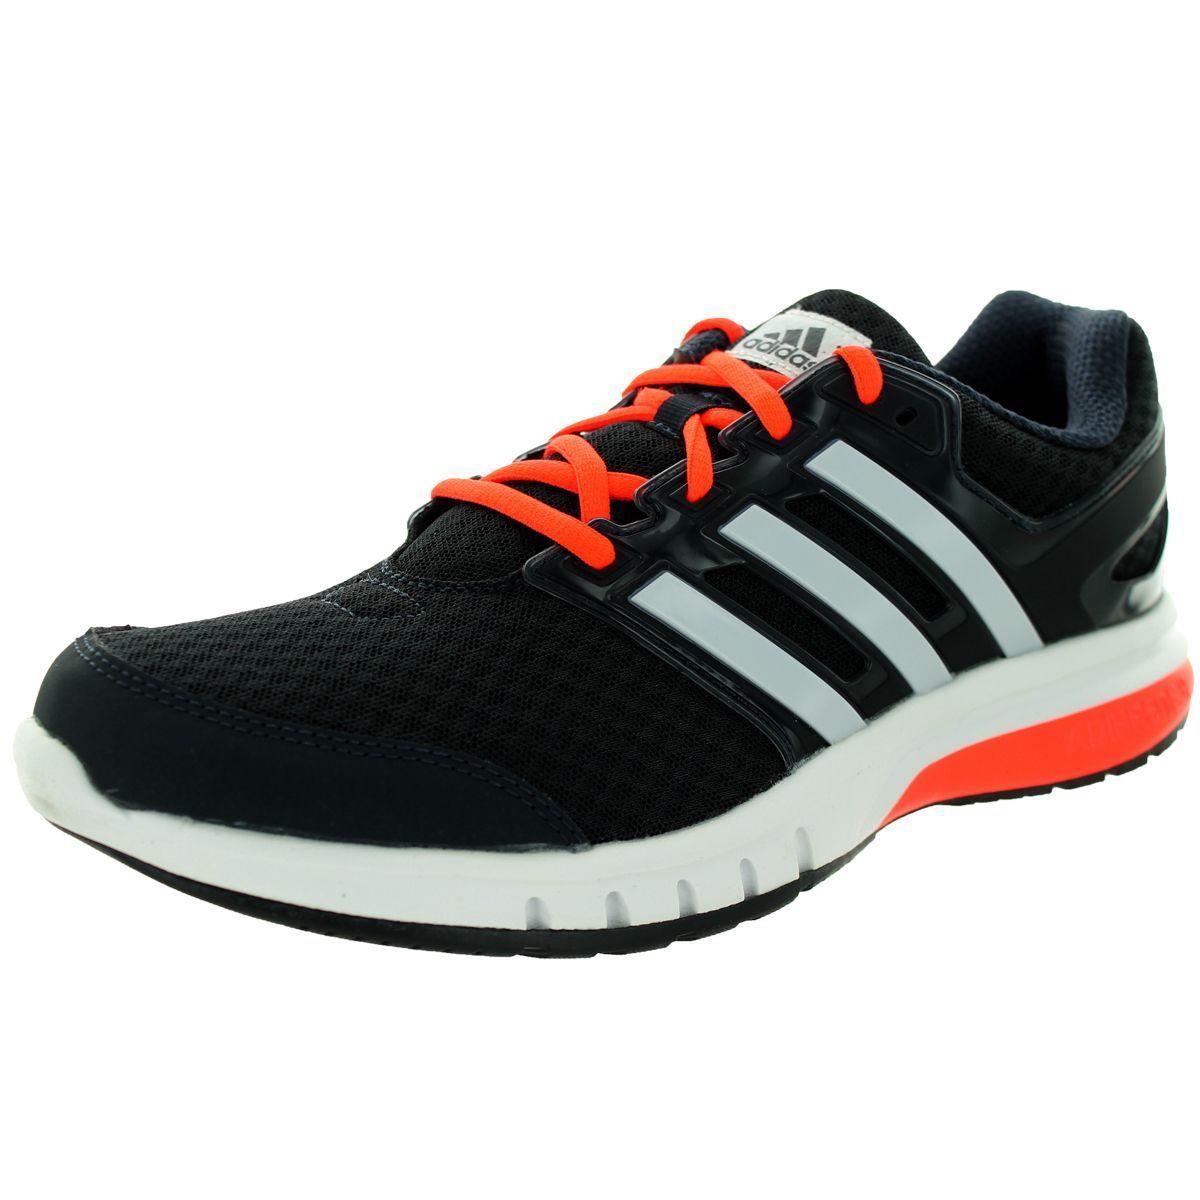 Adidas Men's Galaxy Elite M GreyWhite Running Shoe